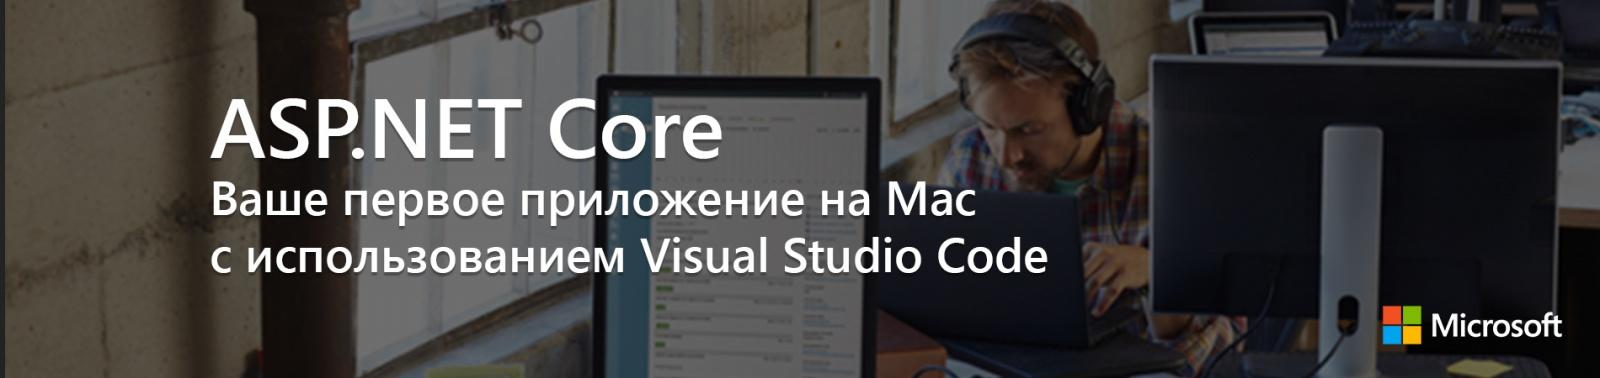 ASP.NET Core: Ваше первое приложение на Mac c использованием Visual Studio Code - 1